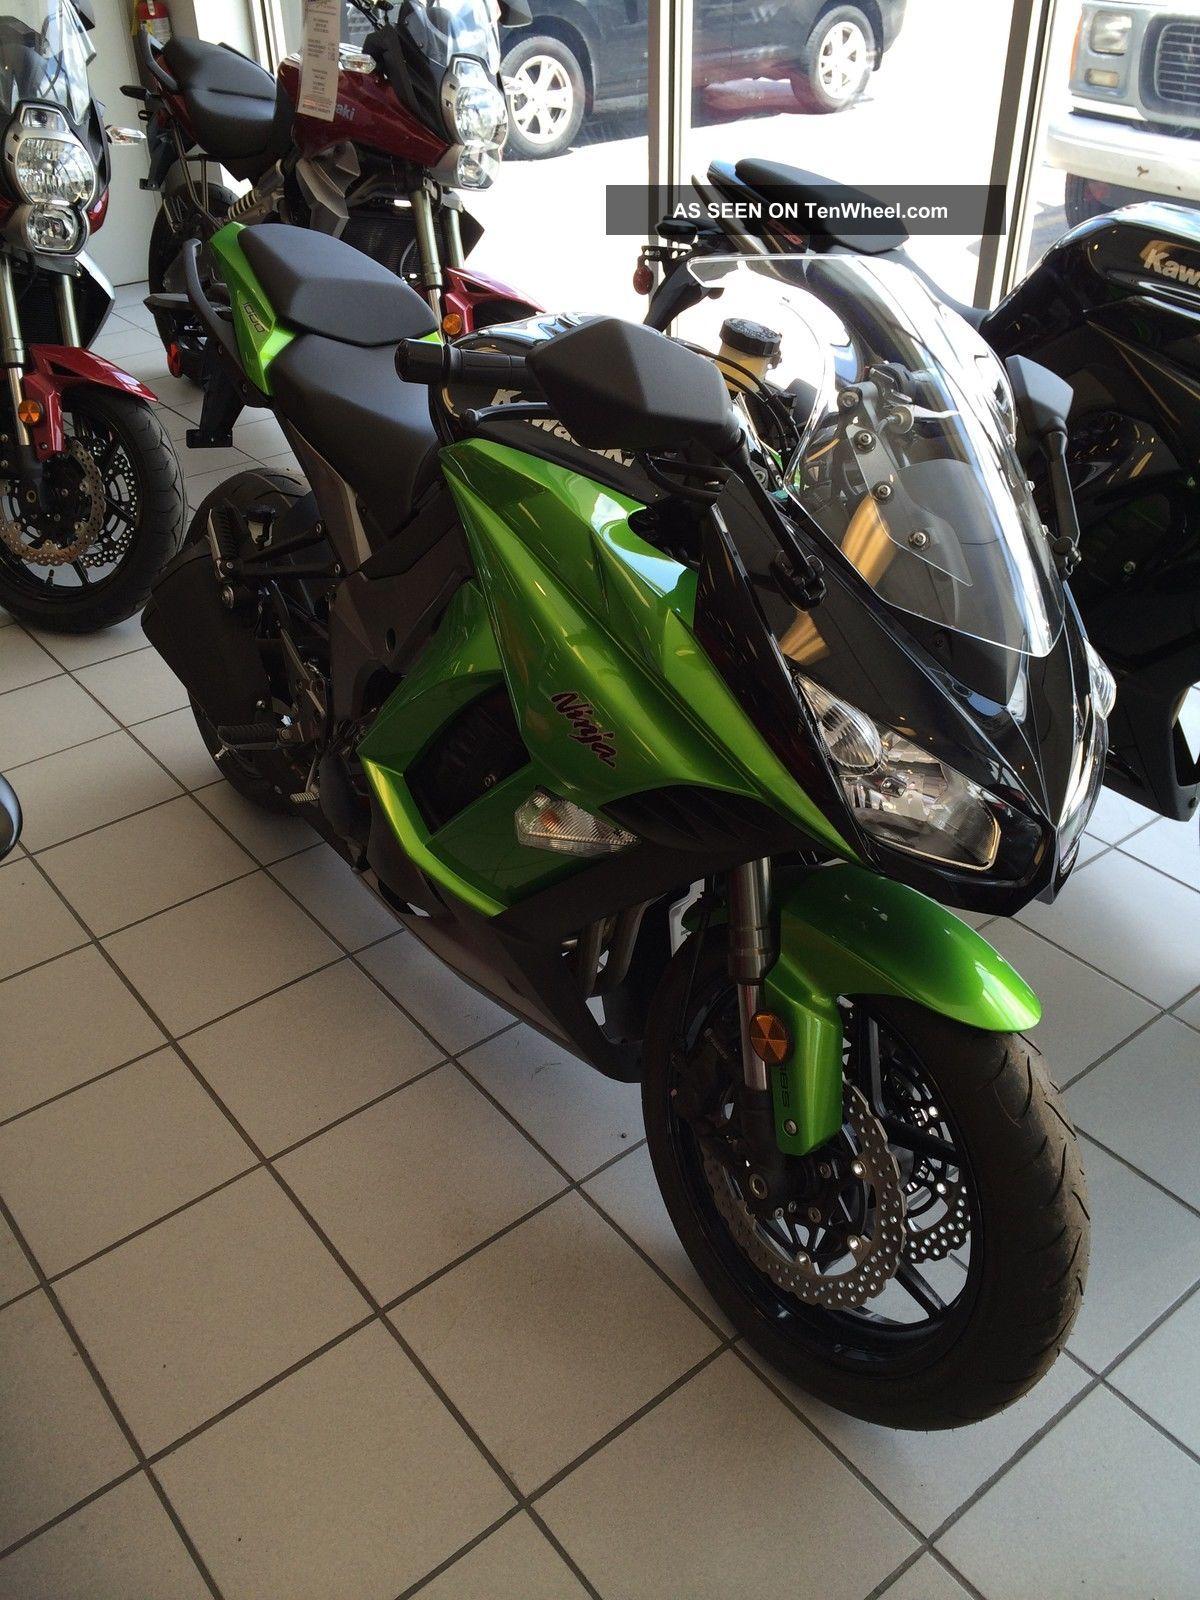 2013 Kawasaki Ninja 1000 Abs Zx1000hdf Ninja photo